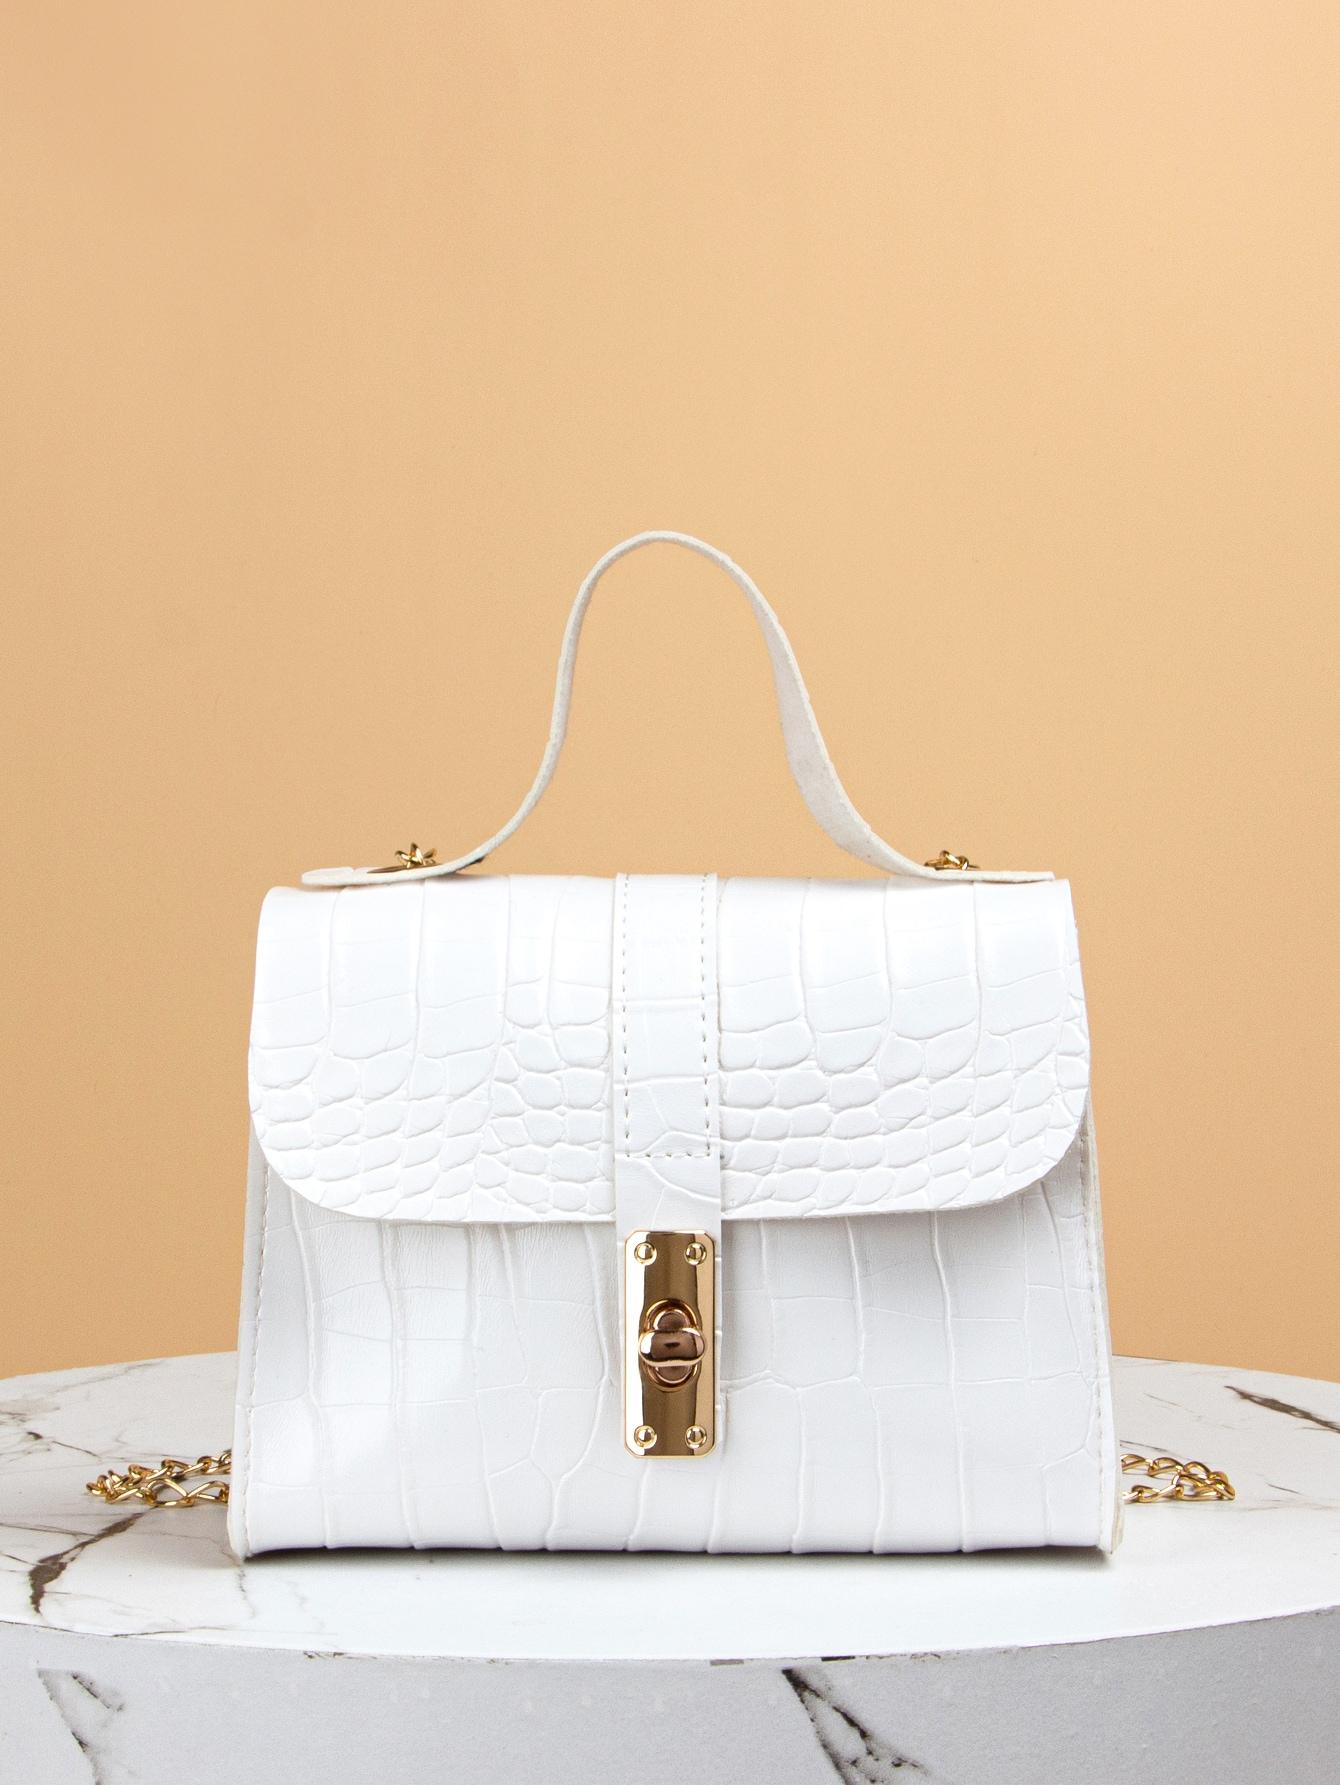 turn-lock croc embossed satchel bag